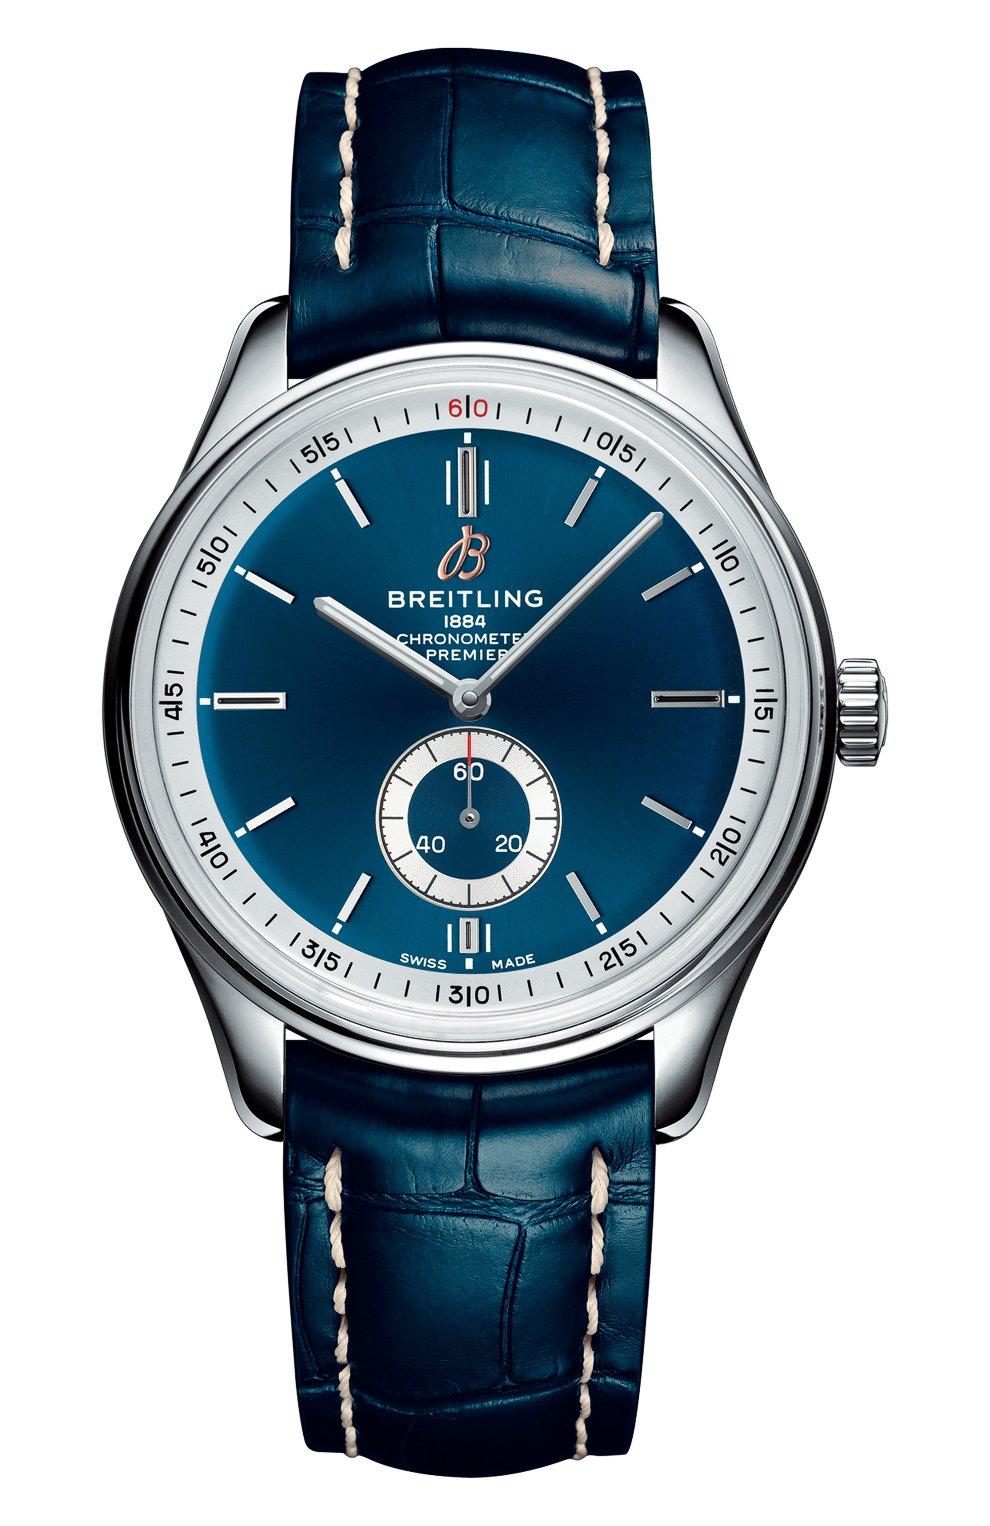 Мужские часы premier automatic 40 BREITLING бесцветного цвета, арт. A37340351C1P1 | Фото 1 (Механизм: Автомат; Материал корпуса: Сталь; Цвет циферблата: Синий)